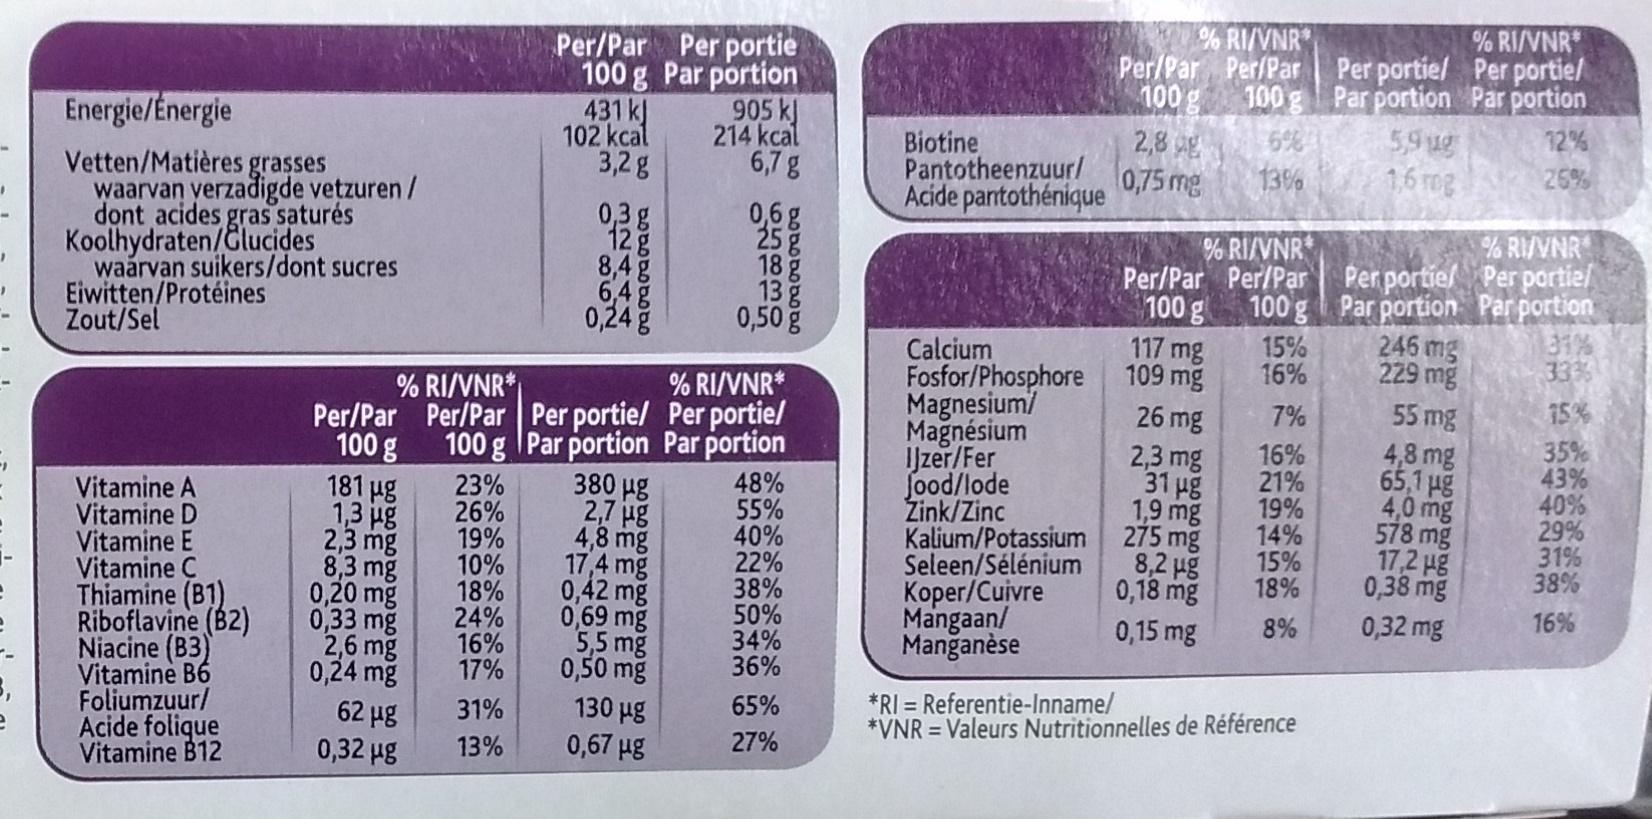 Mon repas saveur Vanille Caramel - Informations nutritionnelles